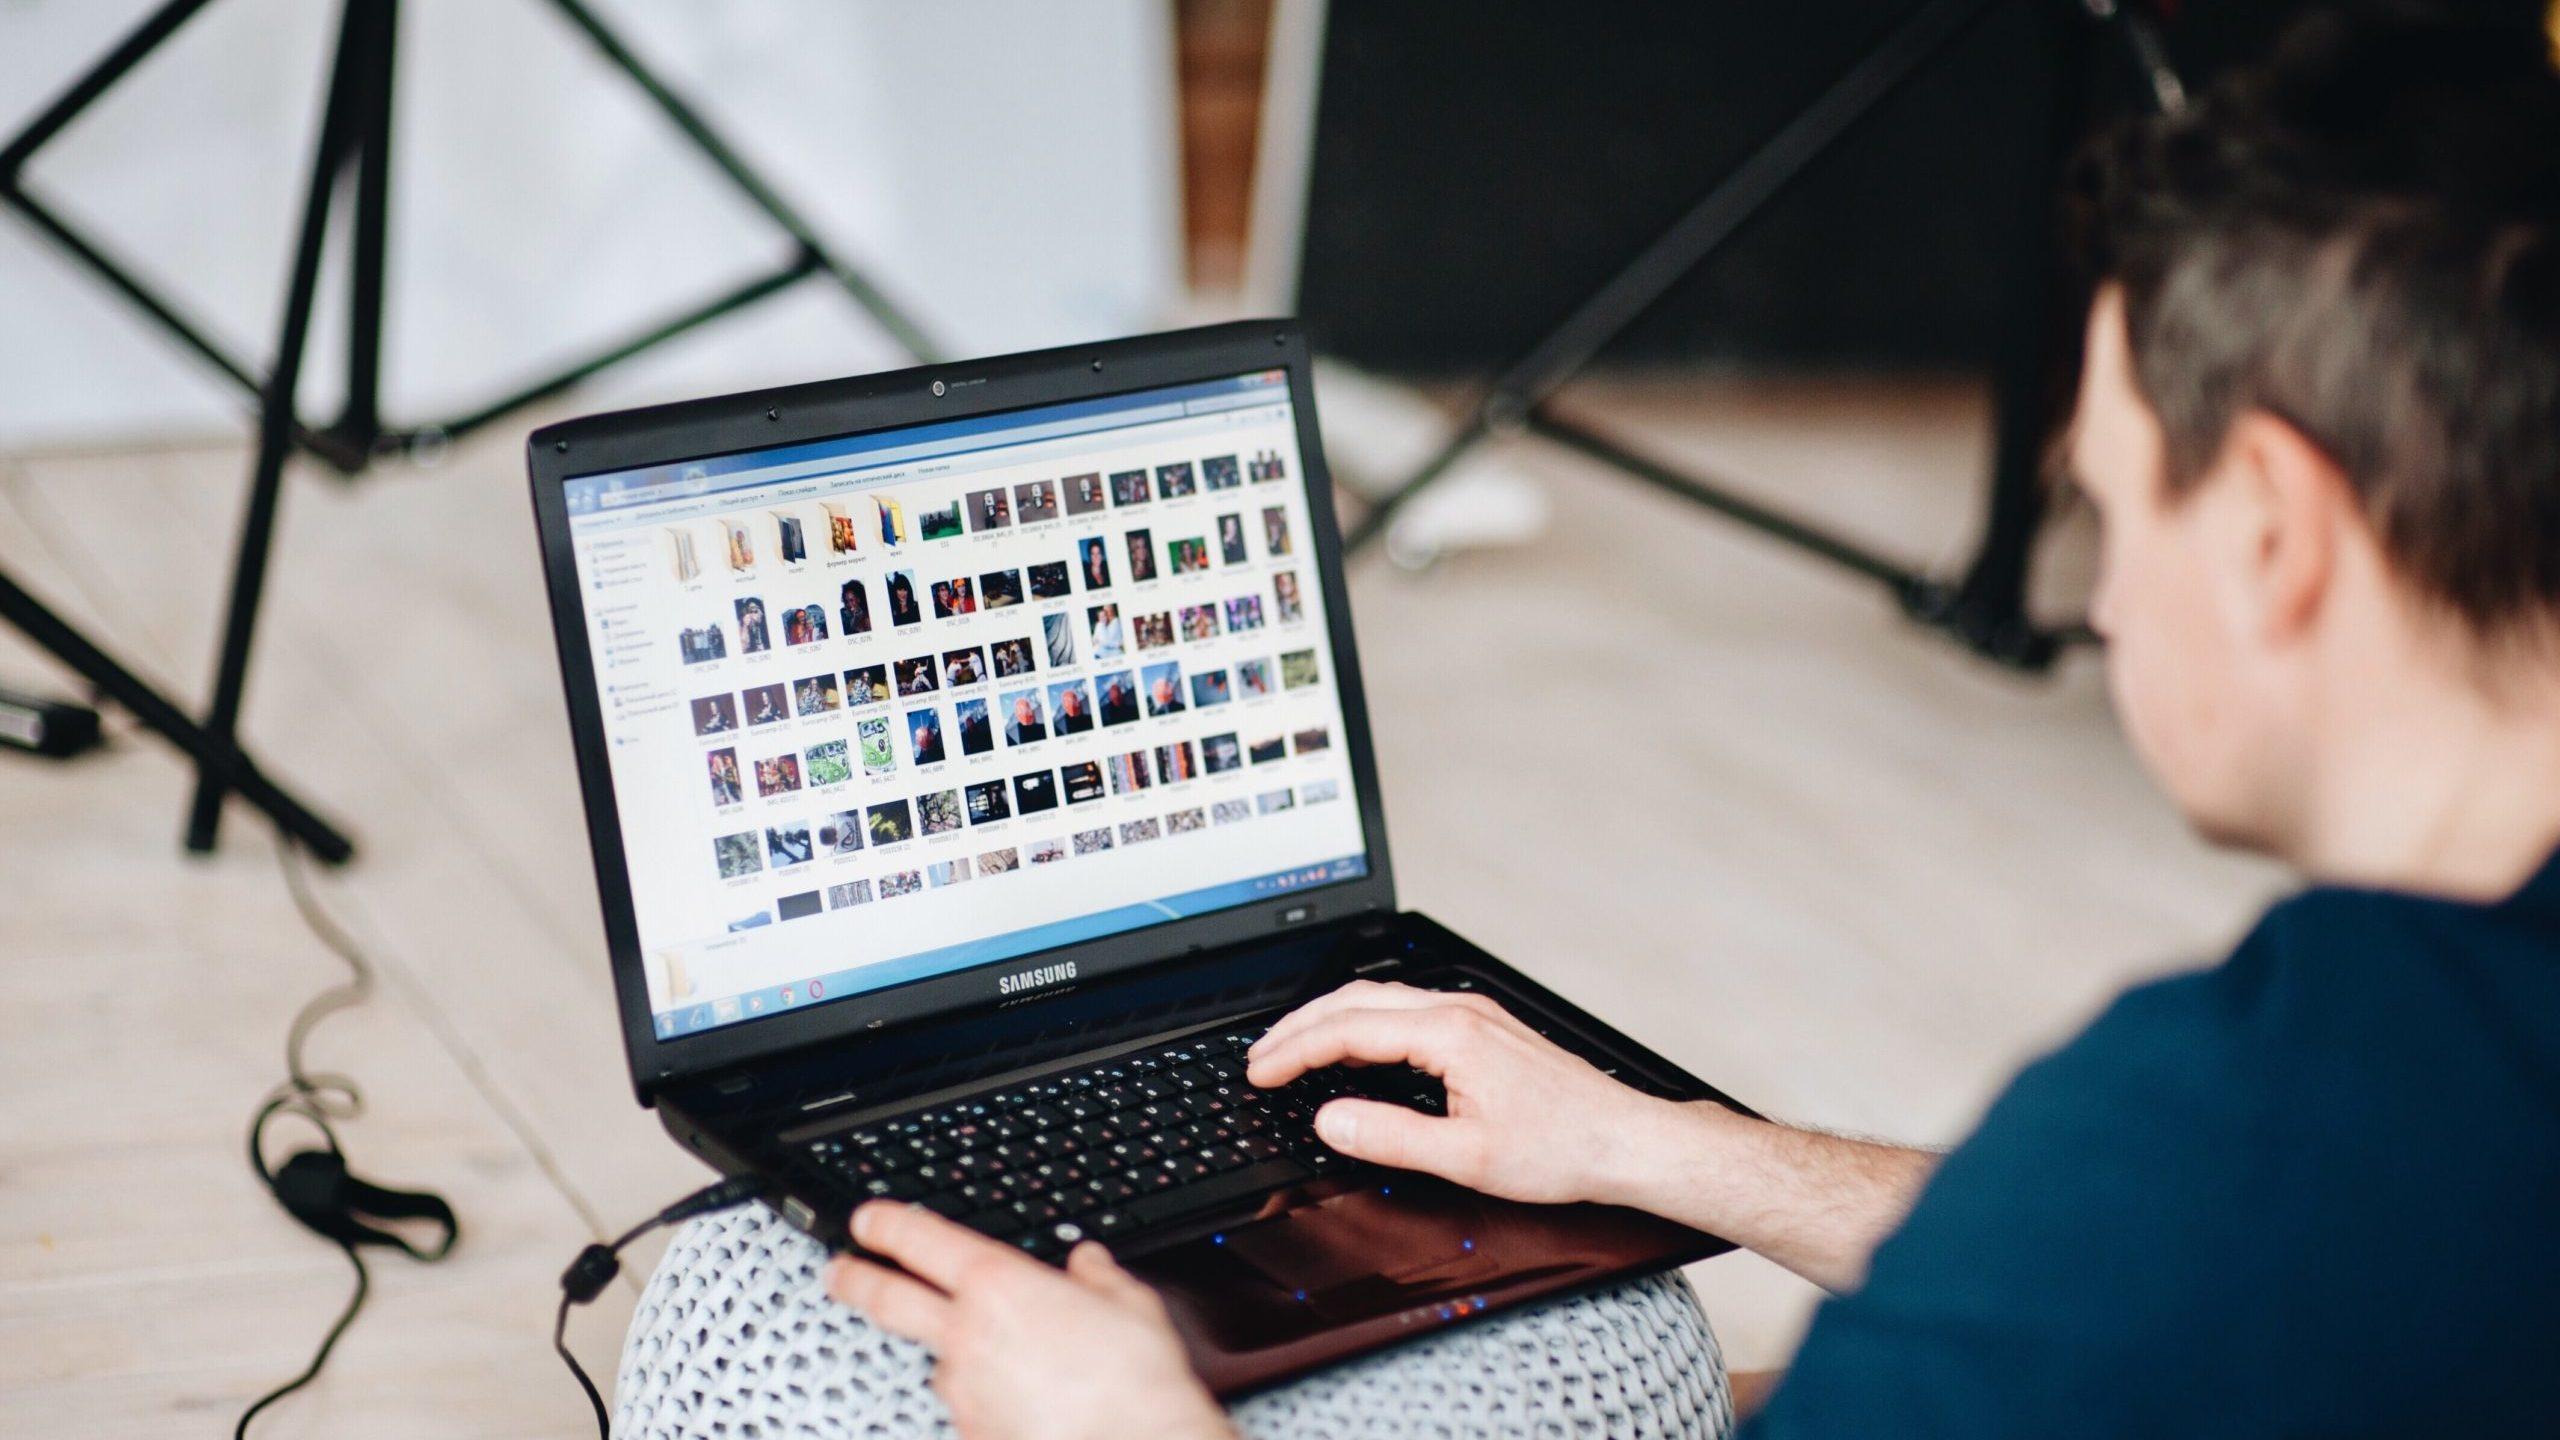 Best laptop for illustrator